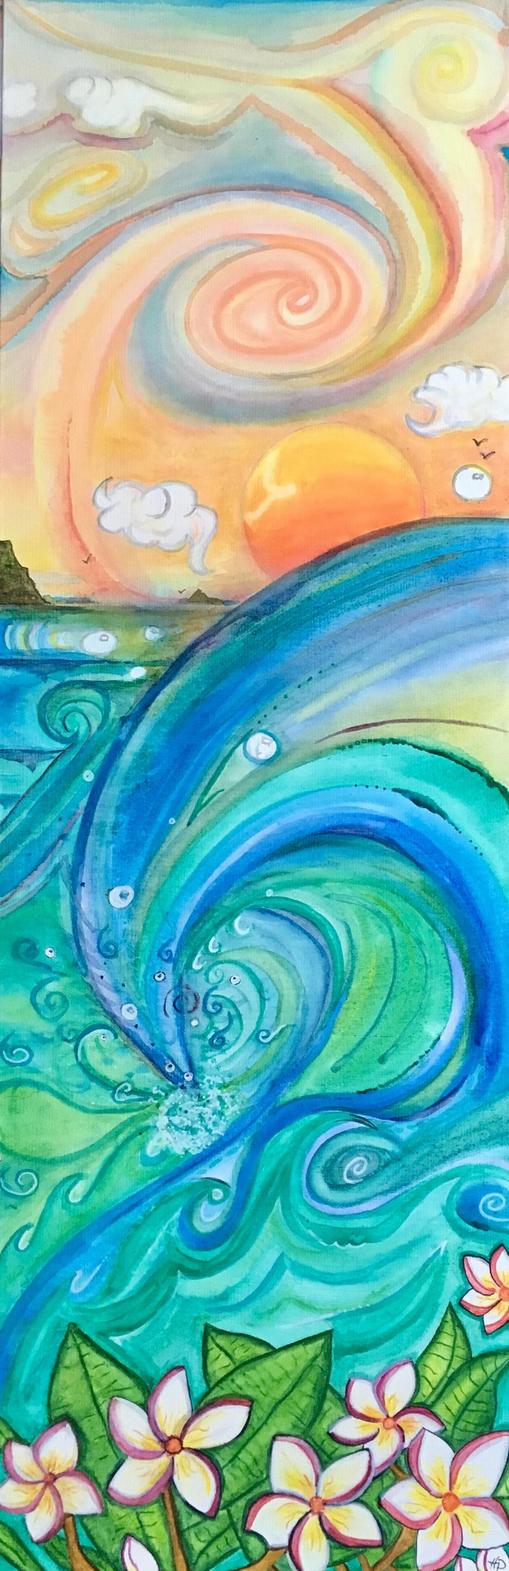 Plumeria Wave by Woogies2